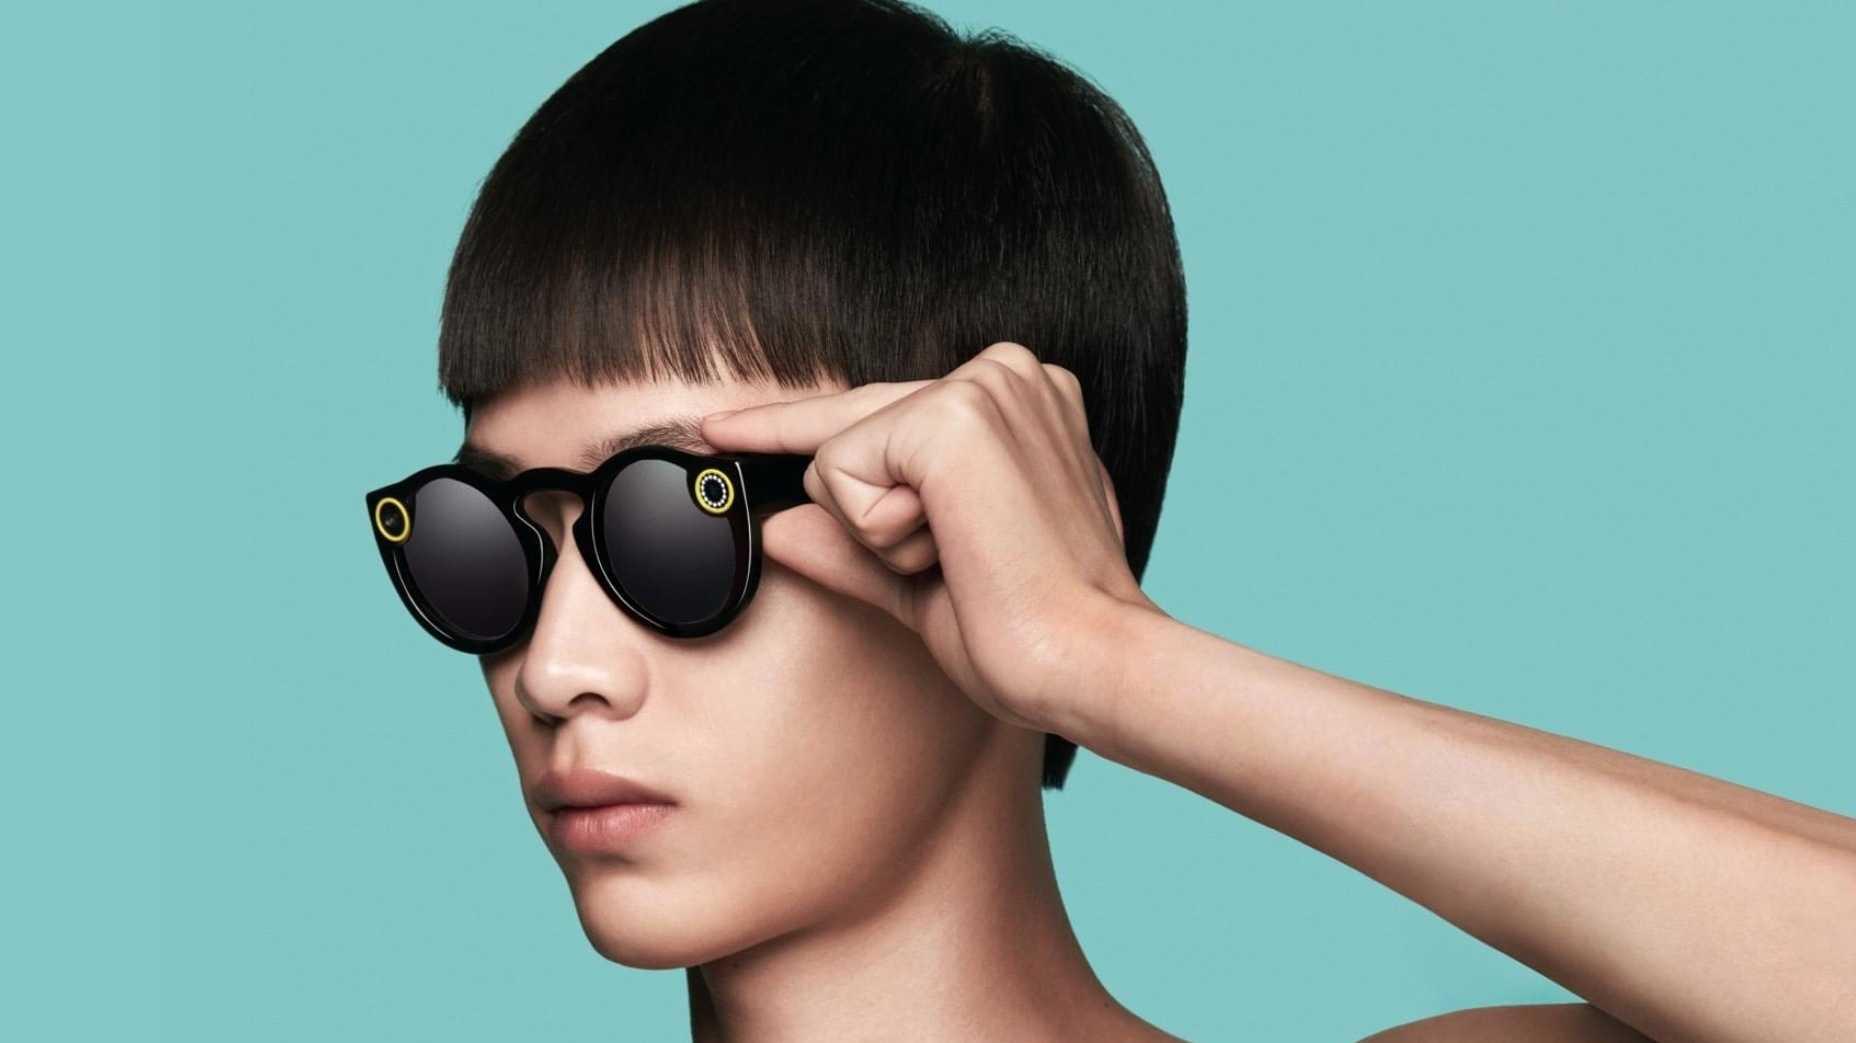 Spectacles: Snapchat-Betreiber bringen Kamera-Sonnenbrille nach Deutschland